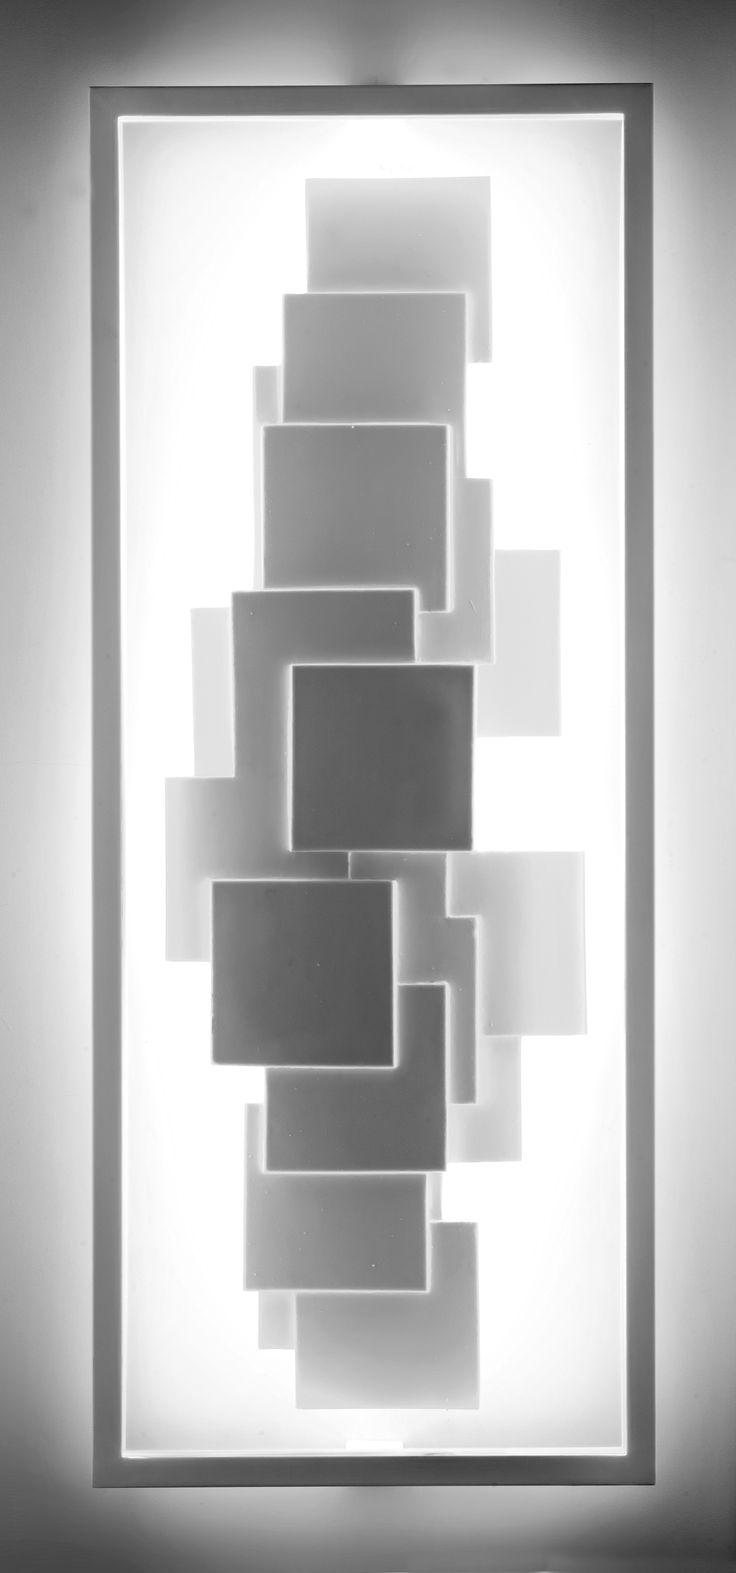 Cinier LT-Led Modèle Sculptural www.cinier.com